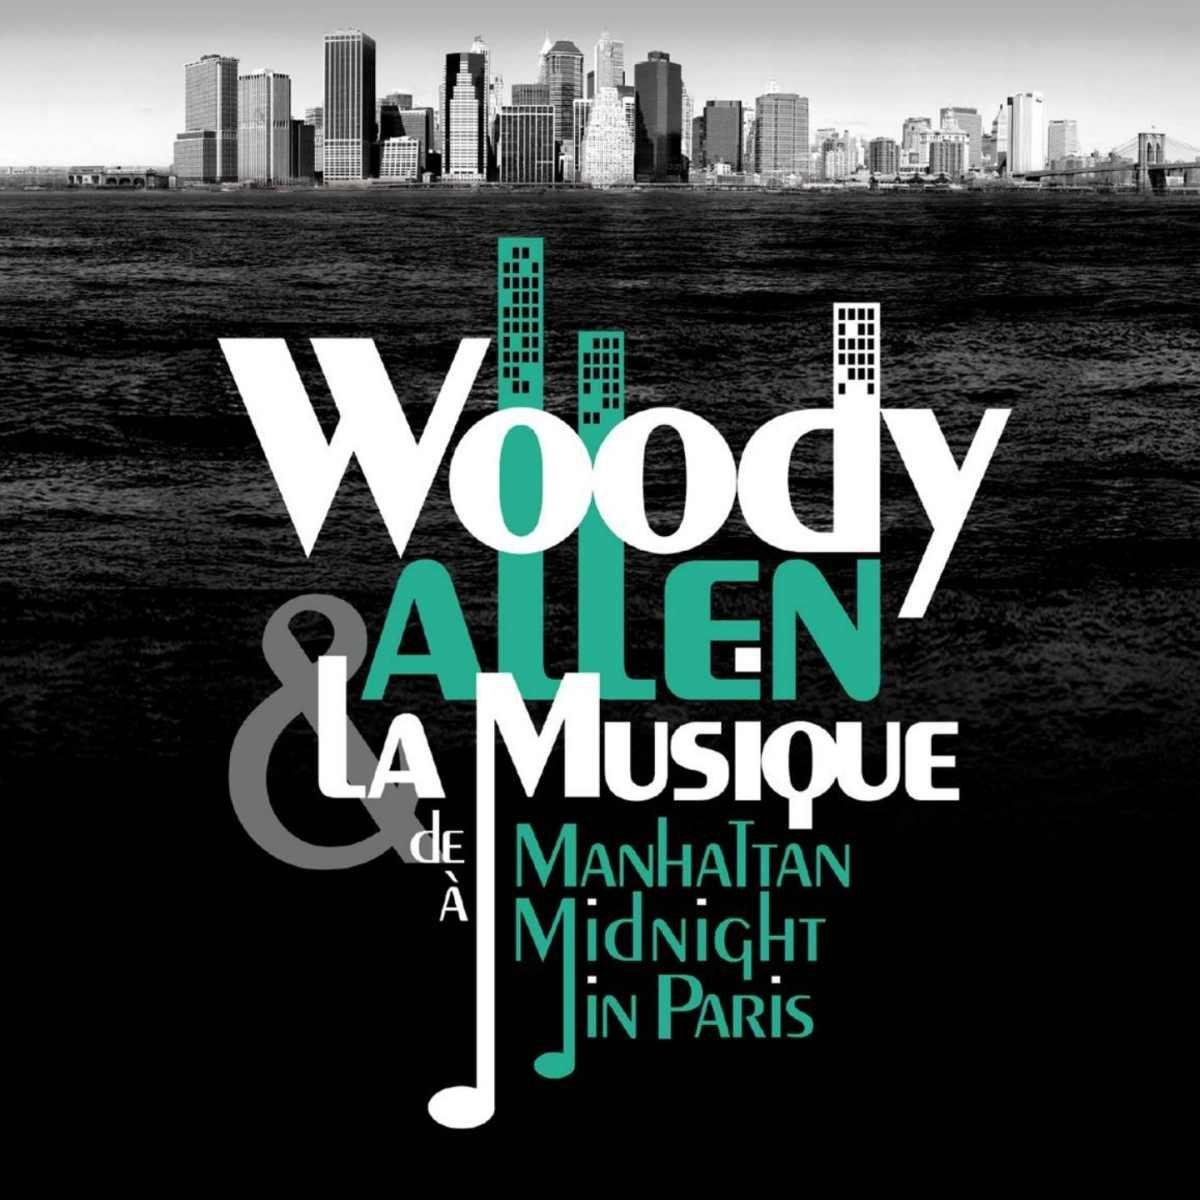 Allen Woody – DE MANHATTAN A MIDNIGHT IN PARIS